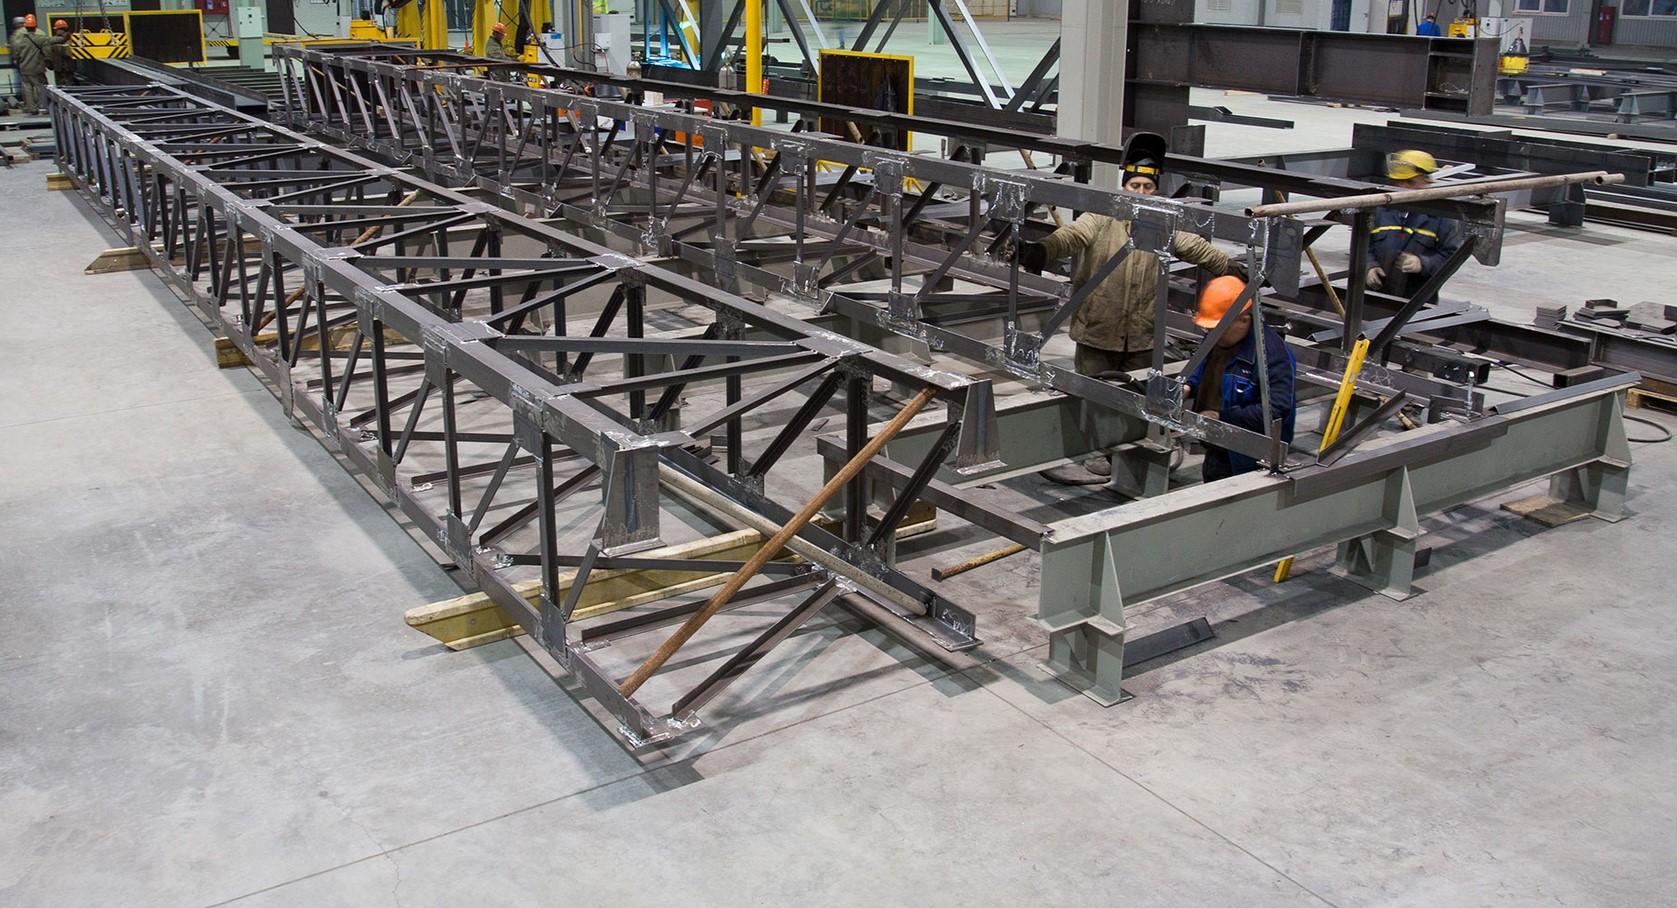 Изготовление металлоконструкций. Виготовлення металоконструкцій